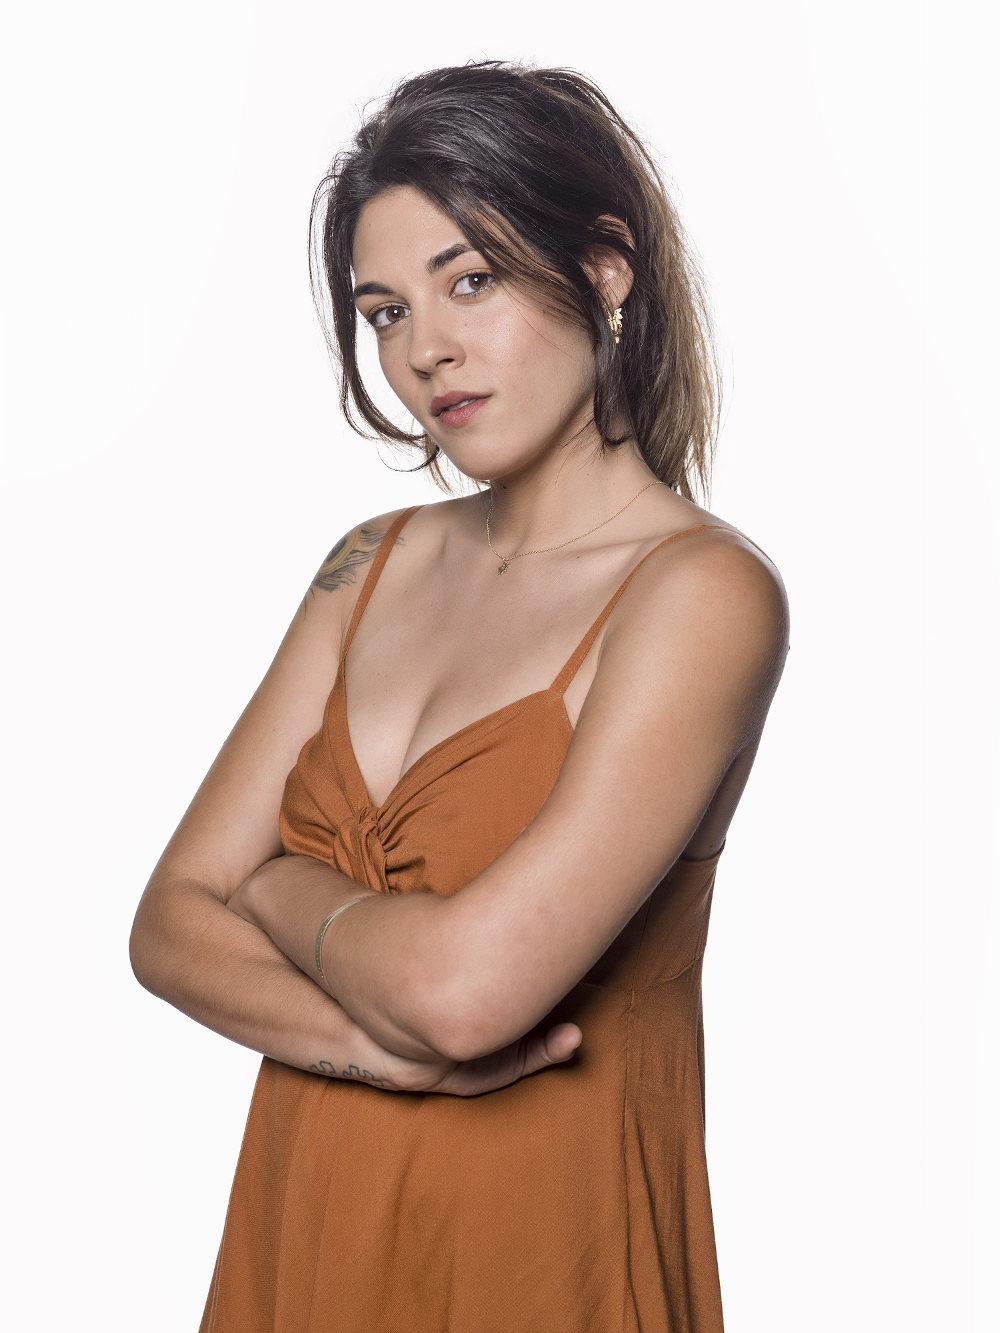 Η ηθοποιός Νίκη Βακάλη, η τηλεοπτική κόρη της Μάνιας στο «Λόγω Τιμής»